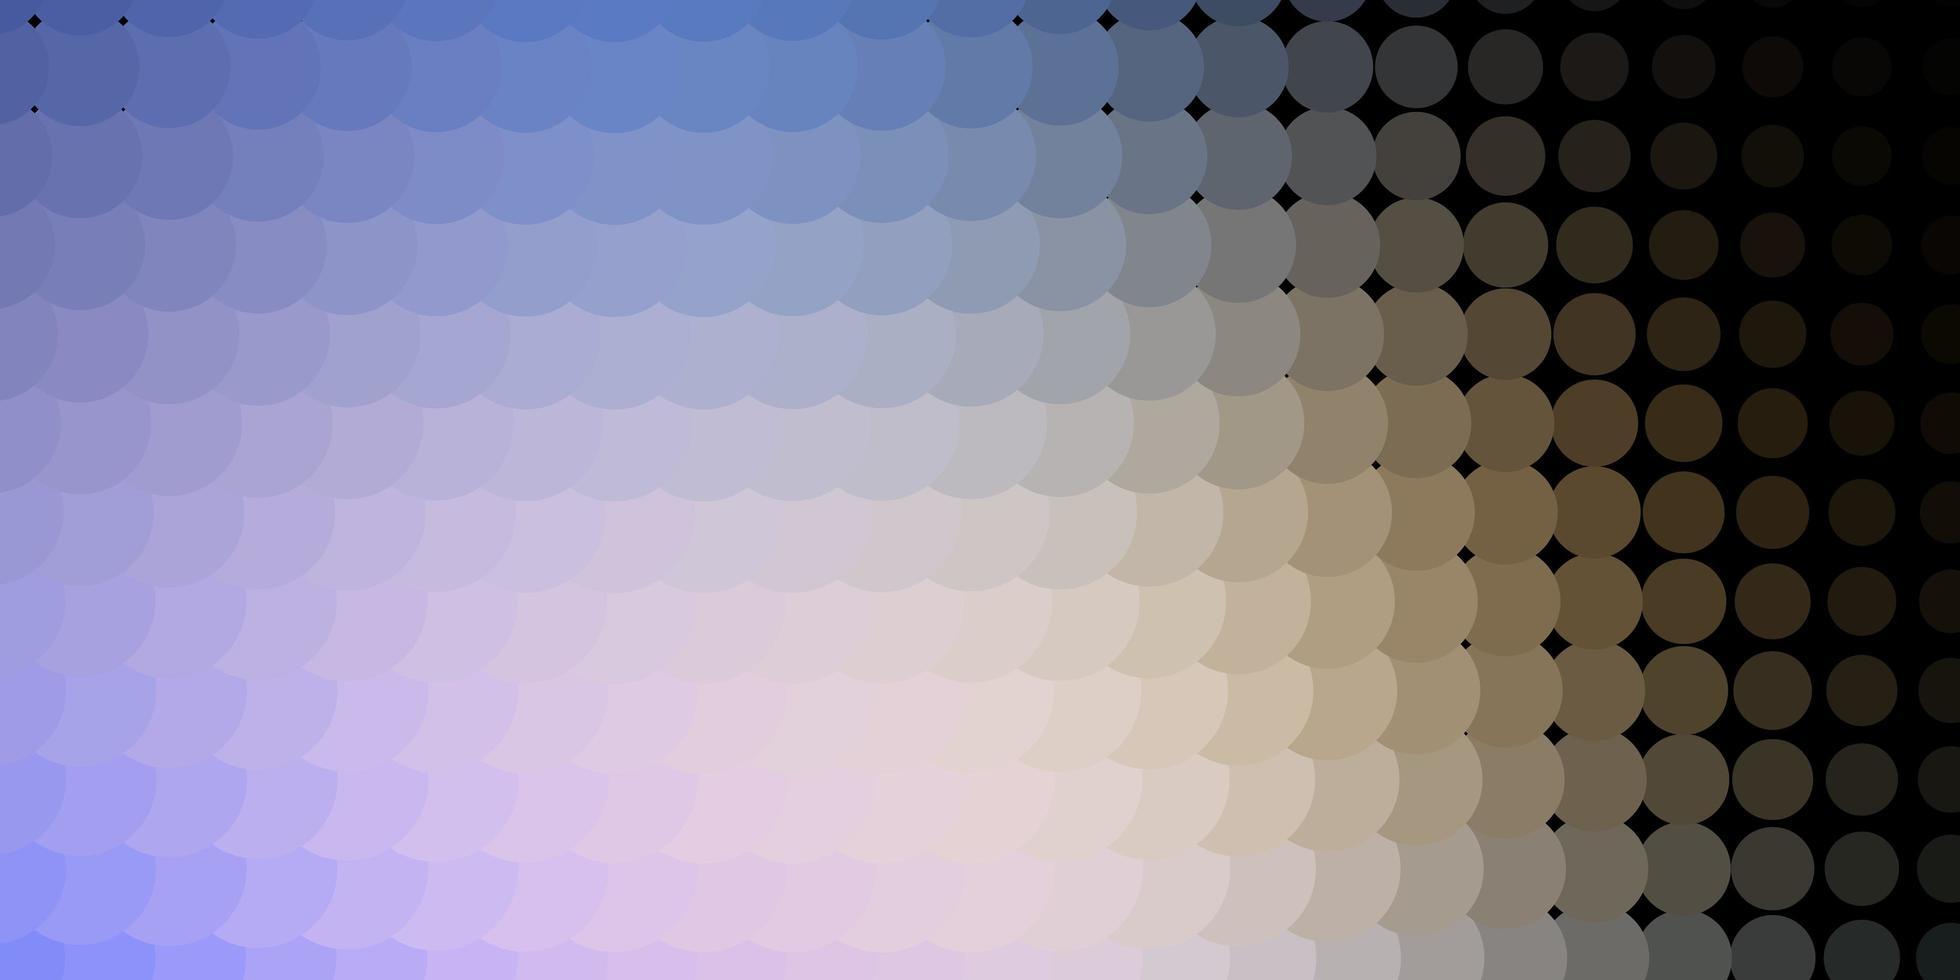 motif bleu clair et jaune avec des sphères. vecteur